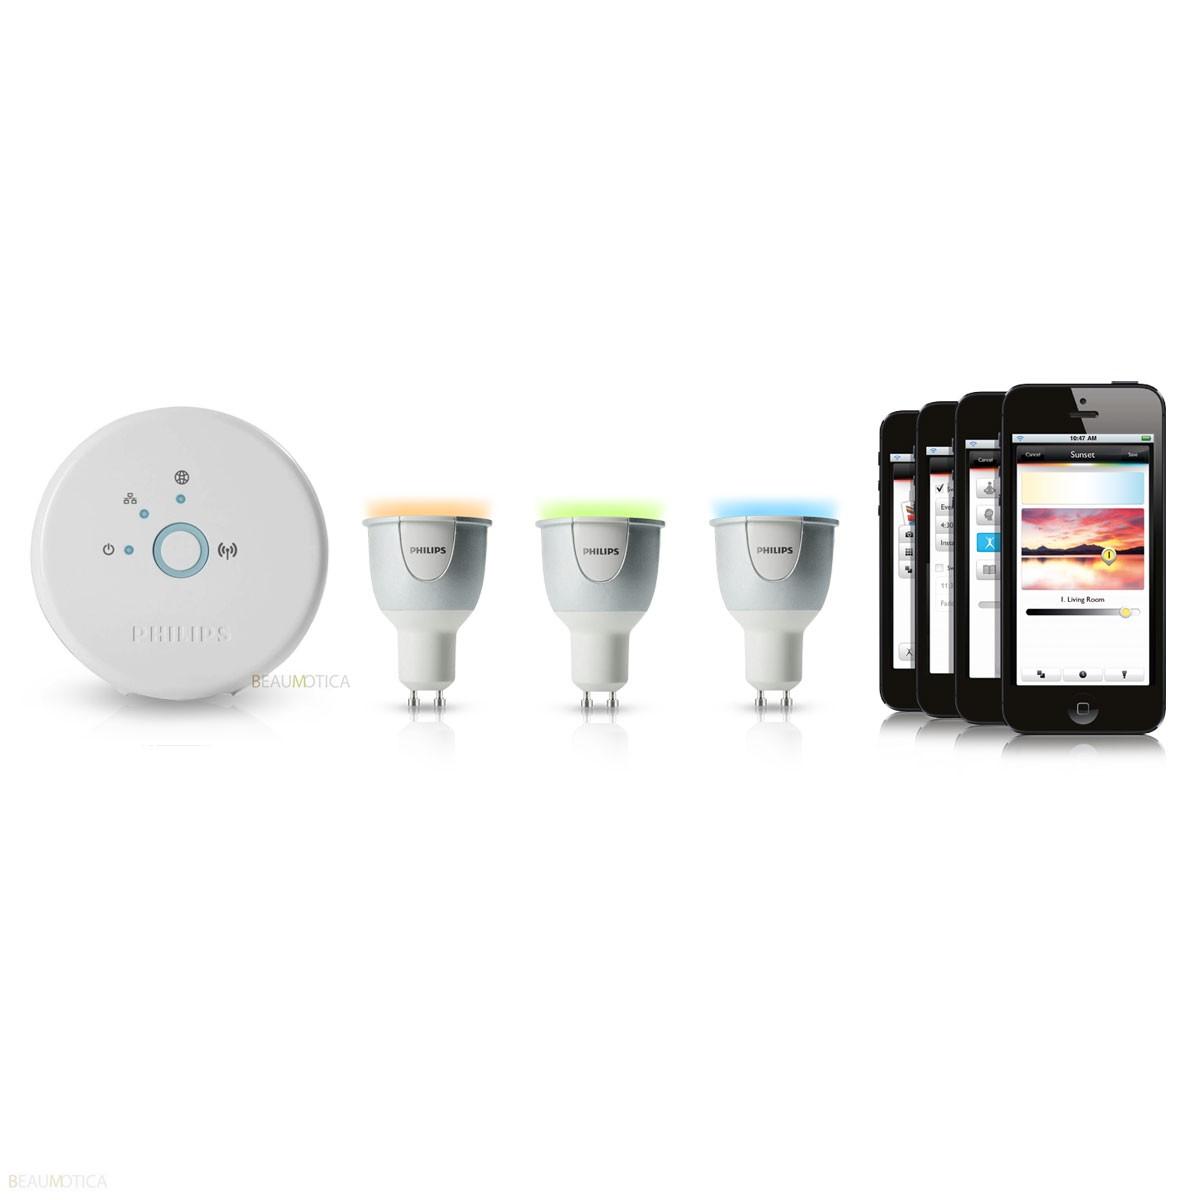 Philips Hue Lampen Gu10.Philips Hue Gu10 Starterset Kopen Bestel Veilig Online Bij Beaumotica